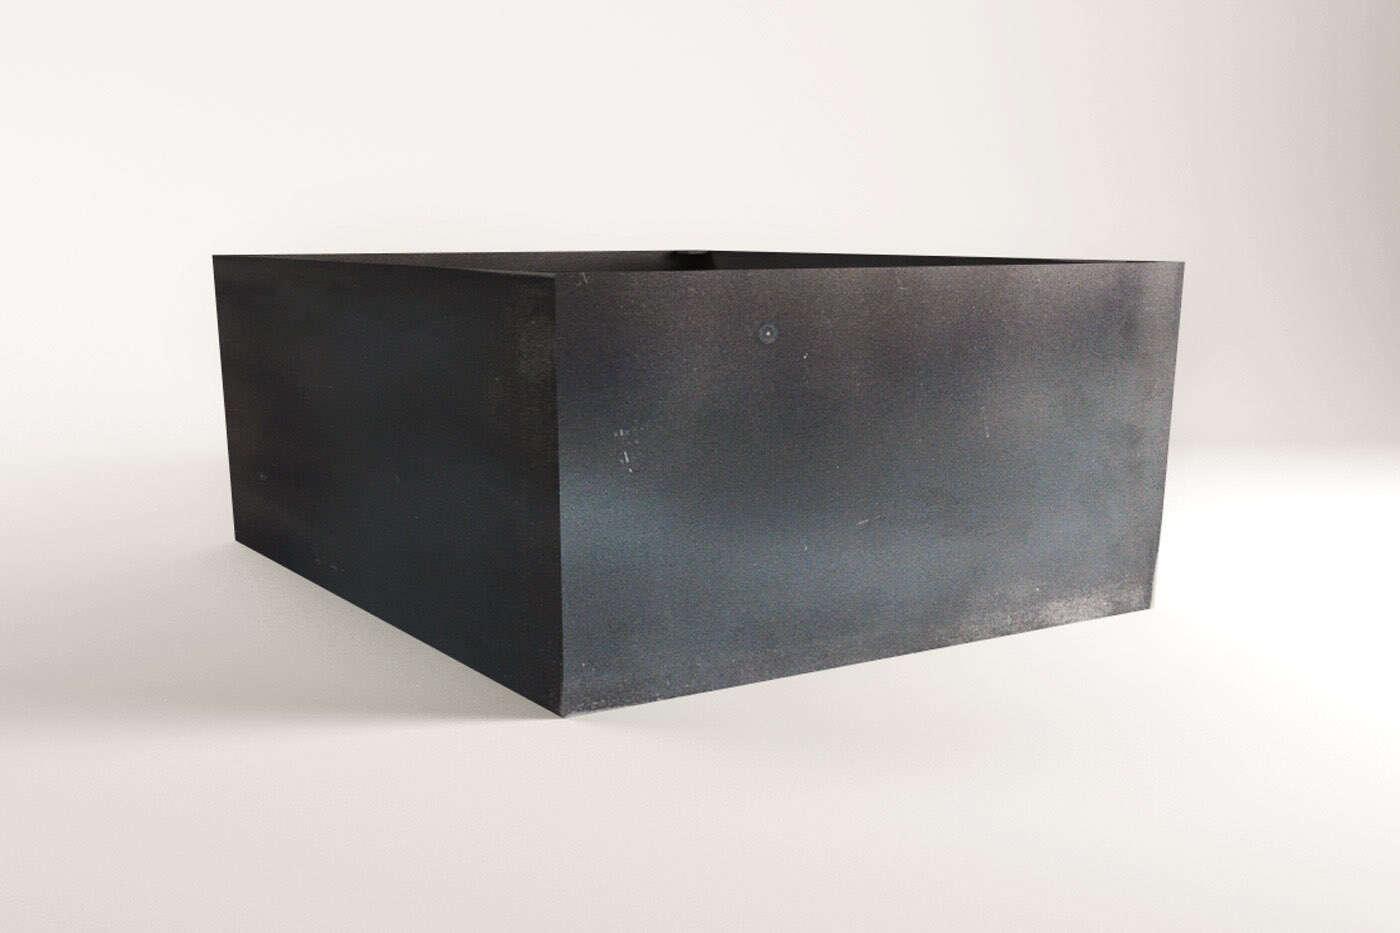 couchtisch mittelfu gestell kubic. Black Bedroom Furniture Sets. Home Design Ideas